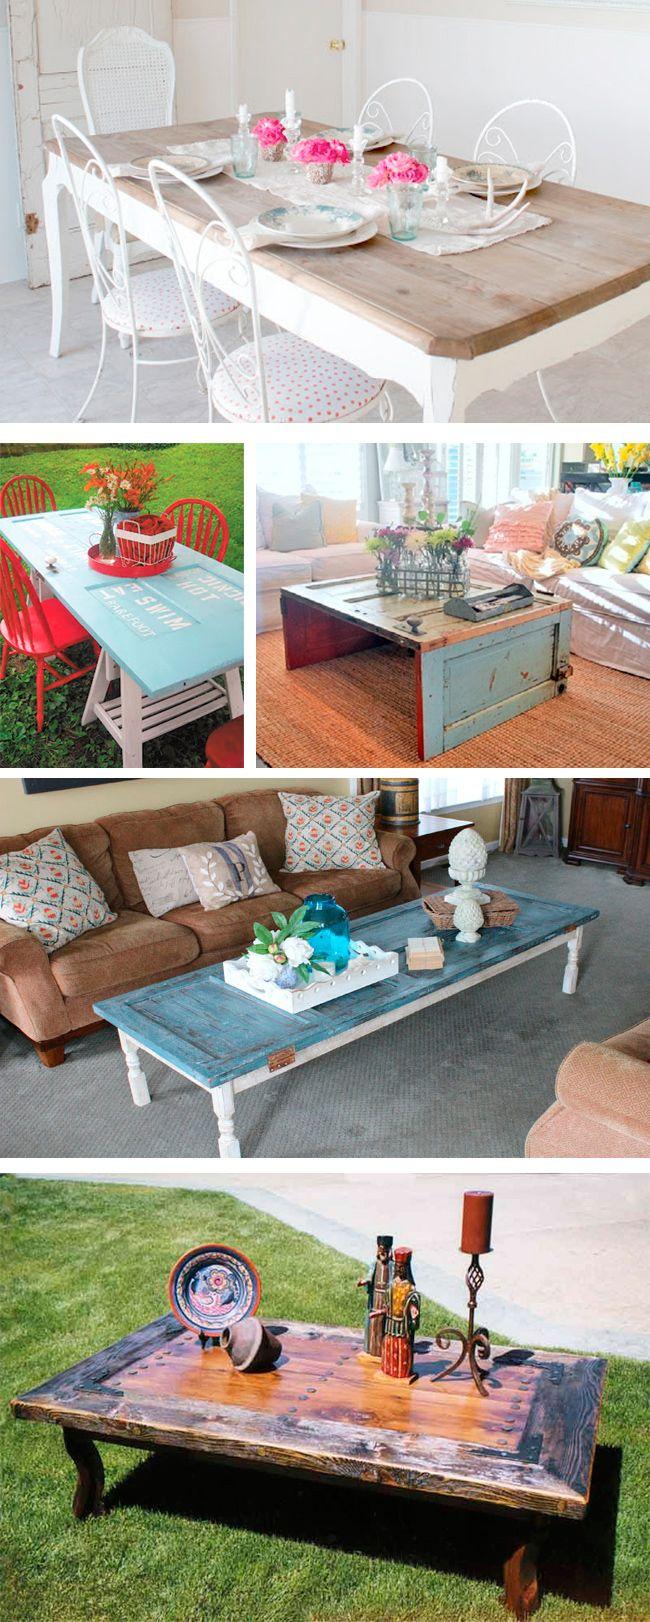 Muebles reciclados puertas reciclado pinterest for Reciclado de puertas